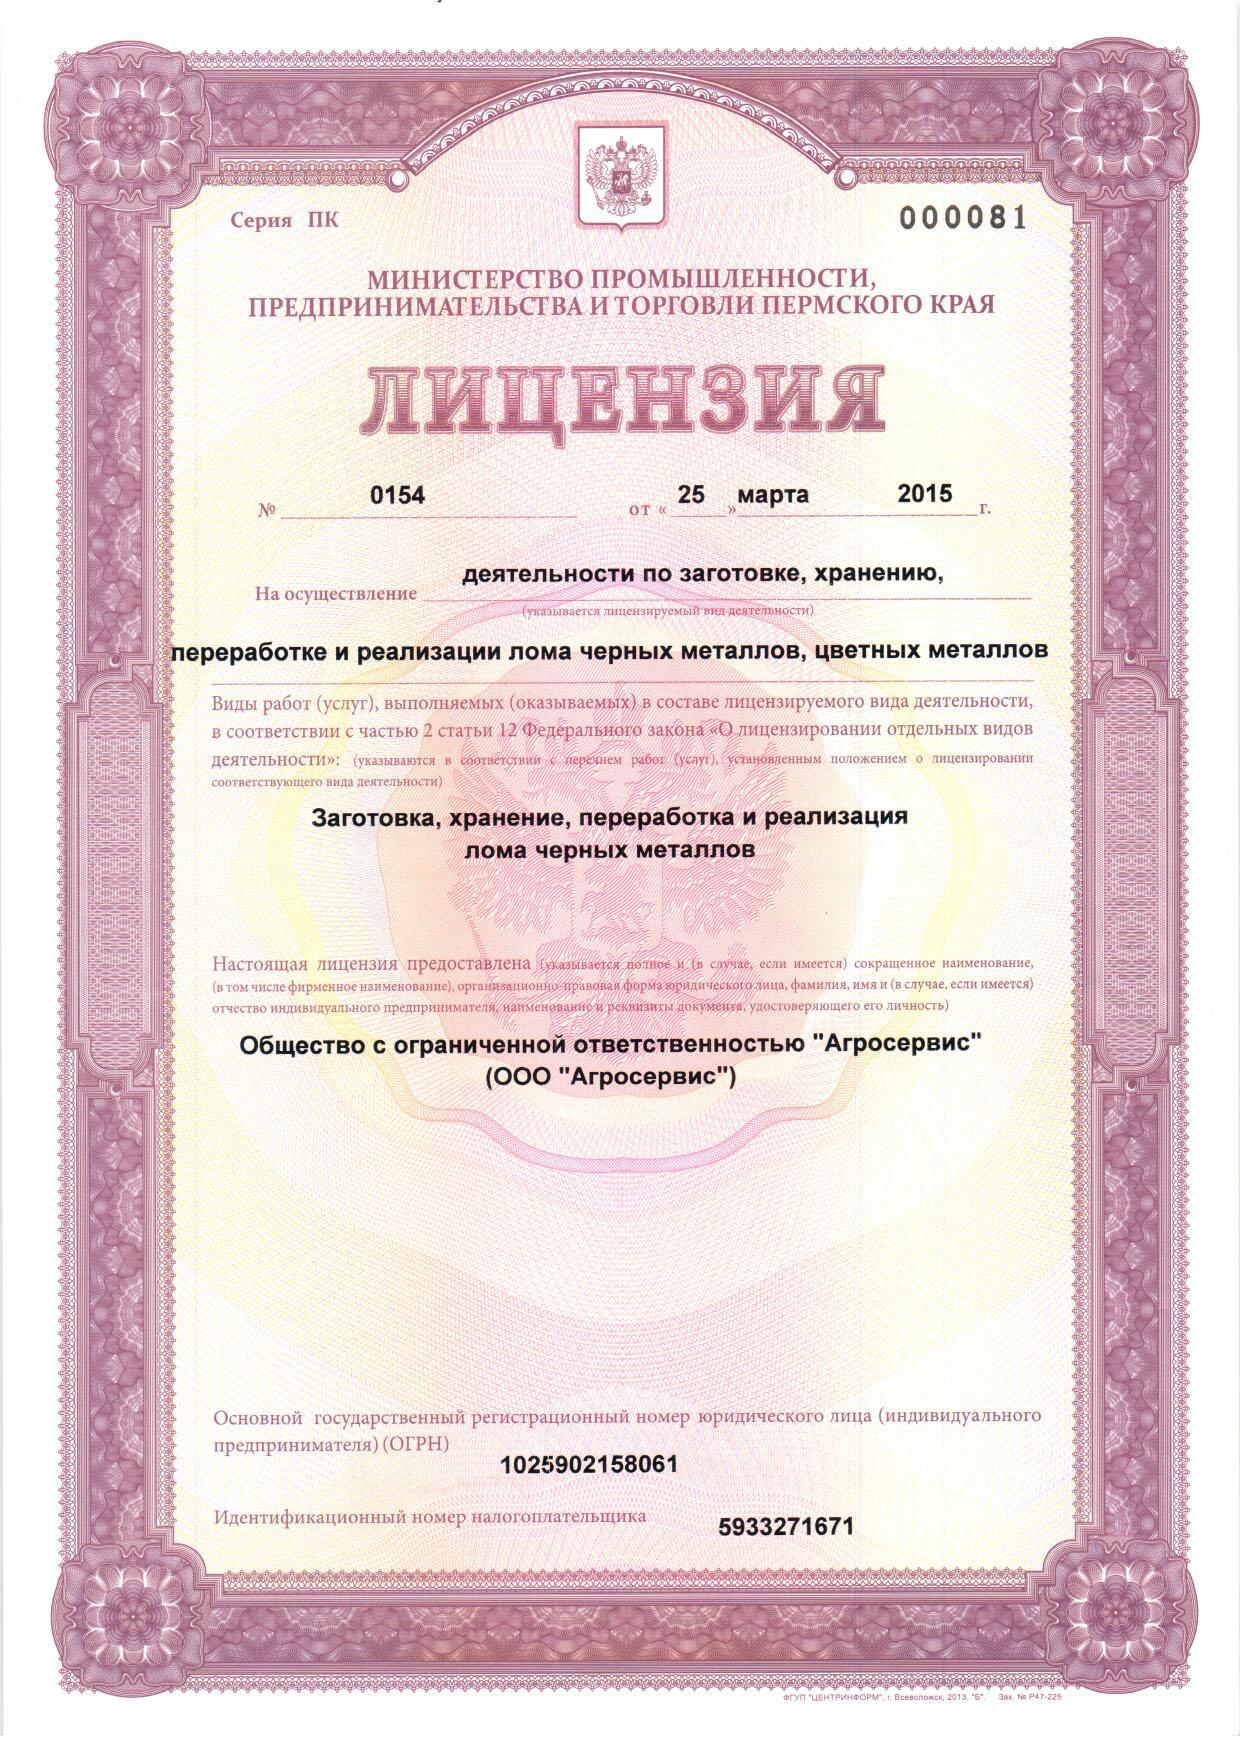 этом разделе оформление лицензии на прием лома цветных металлов Черкасово Деревня Черкасово